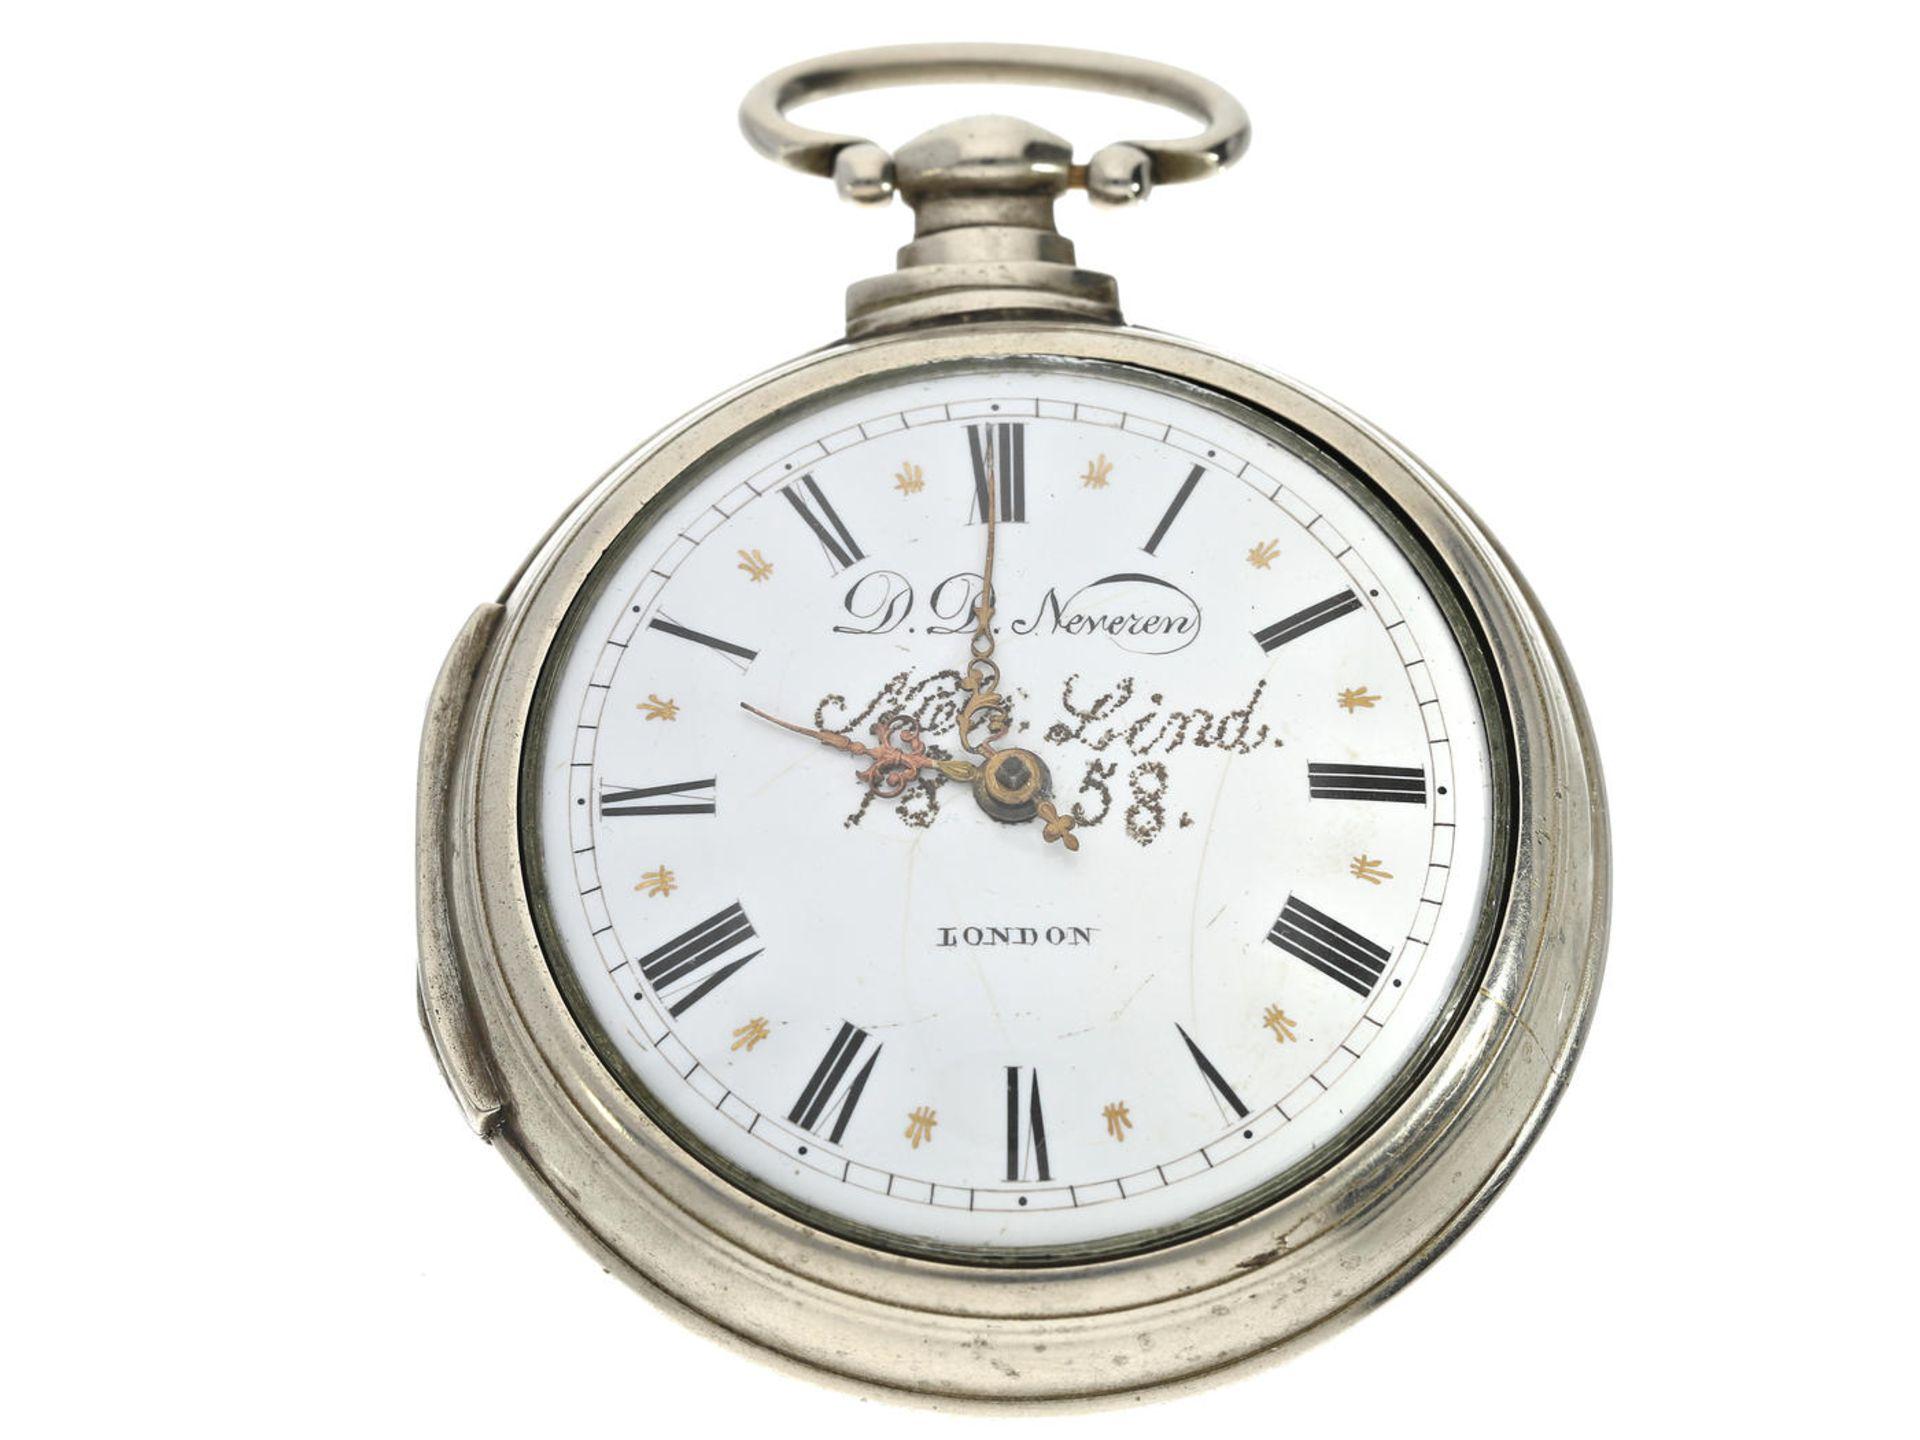 Los 6055 - Taschenuhr: außergewöhnlich große englische Doppelgehäuse-Spindeluhr, signiert D.D. Neveren